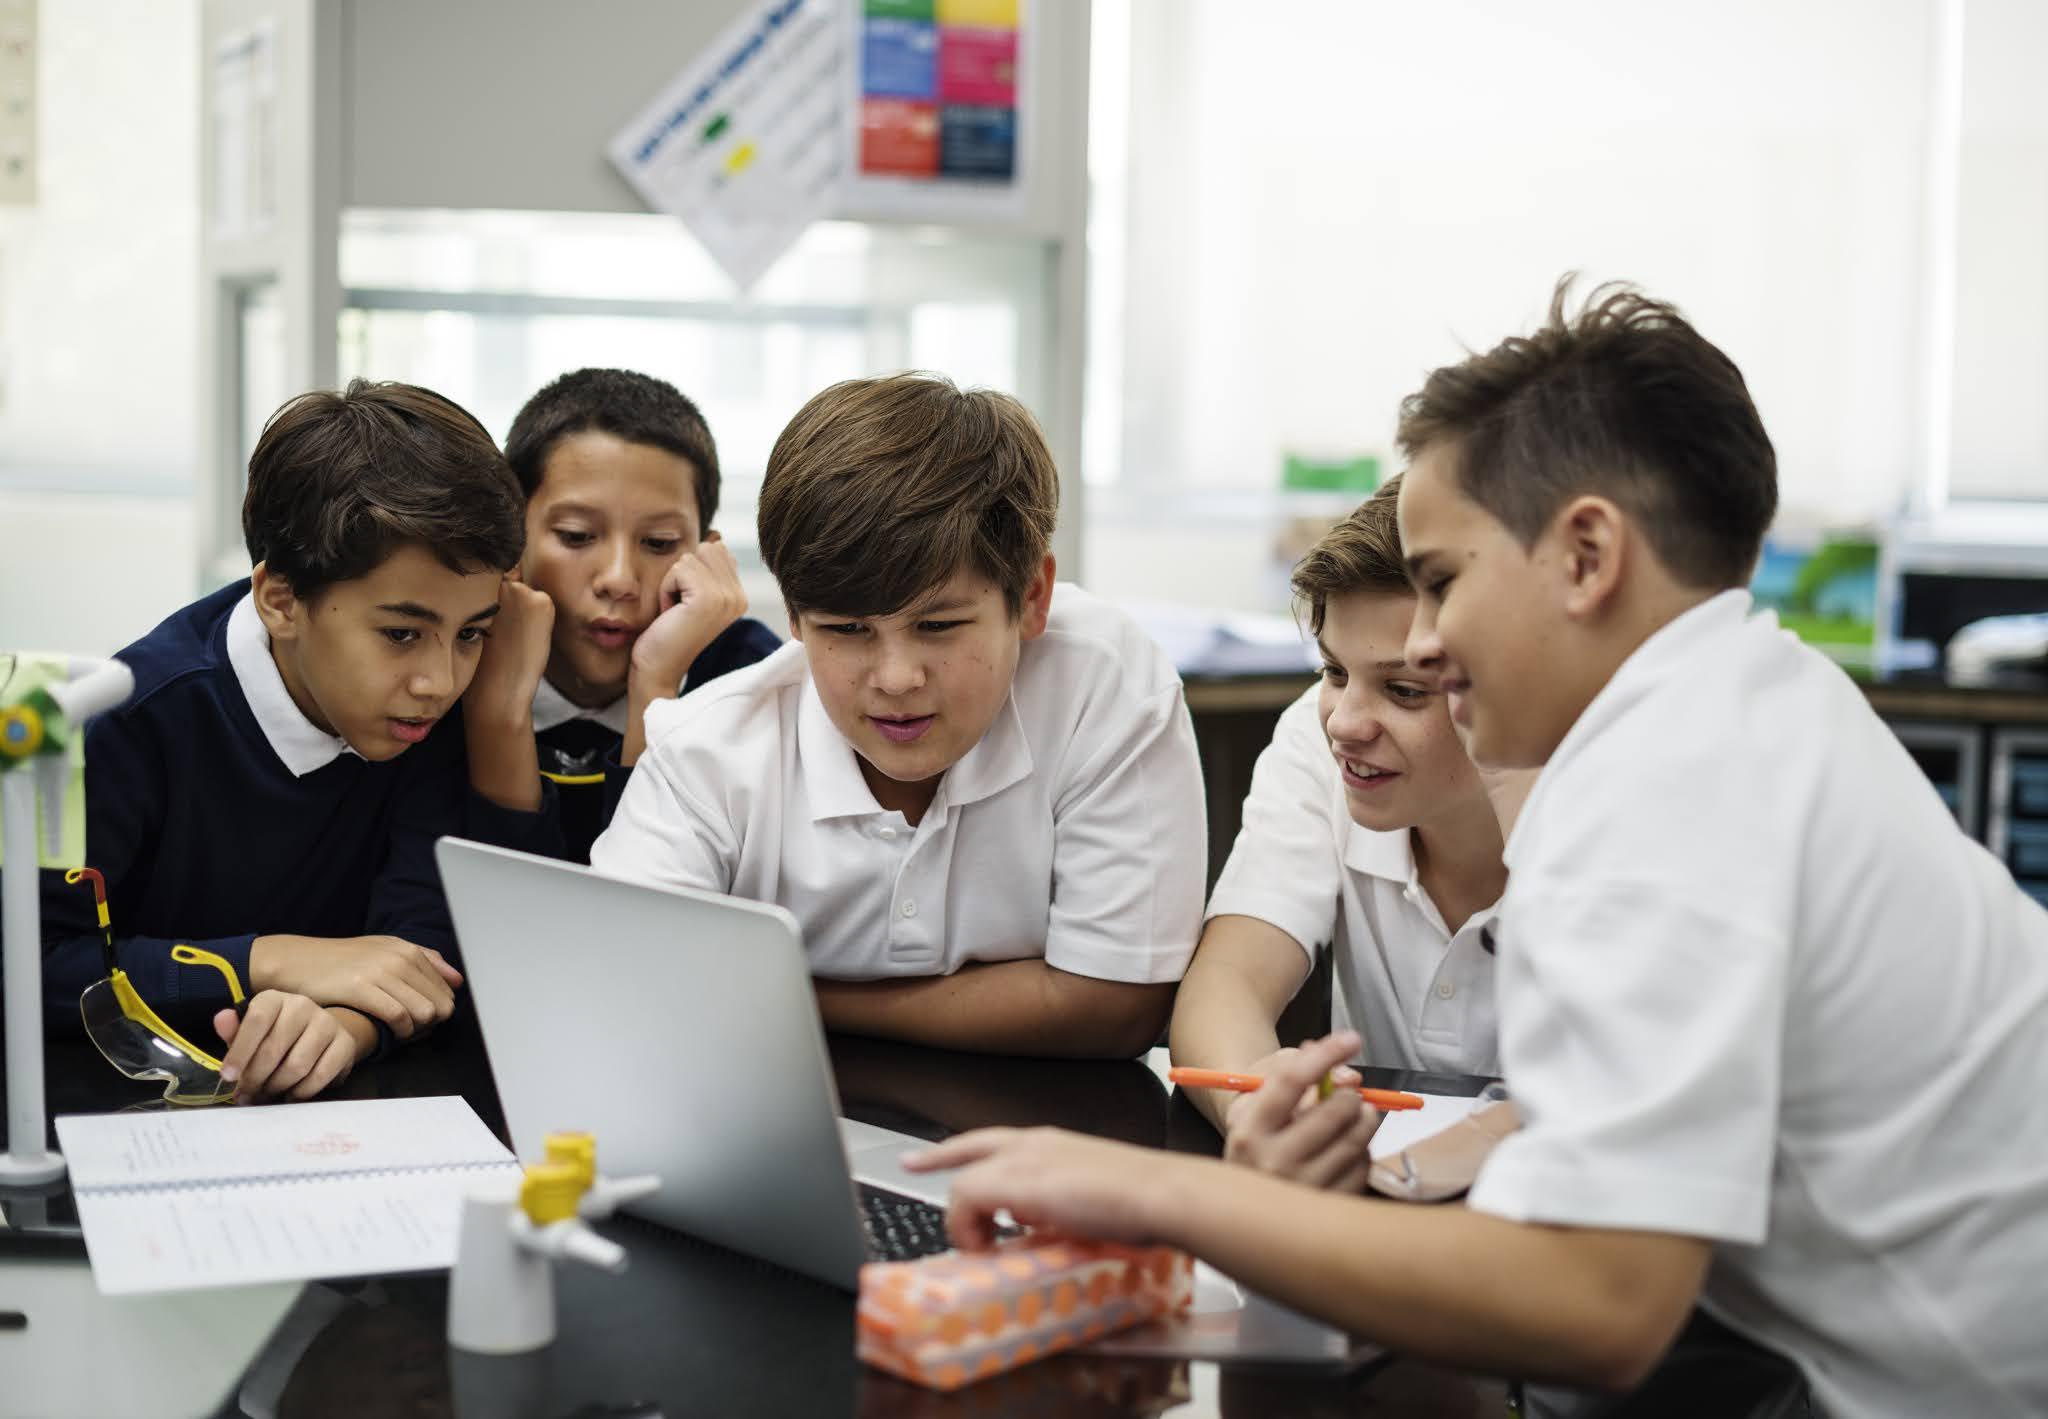 الإمارات تبحث سبل تطوير مستويات التعليم الأكاديمي